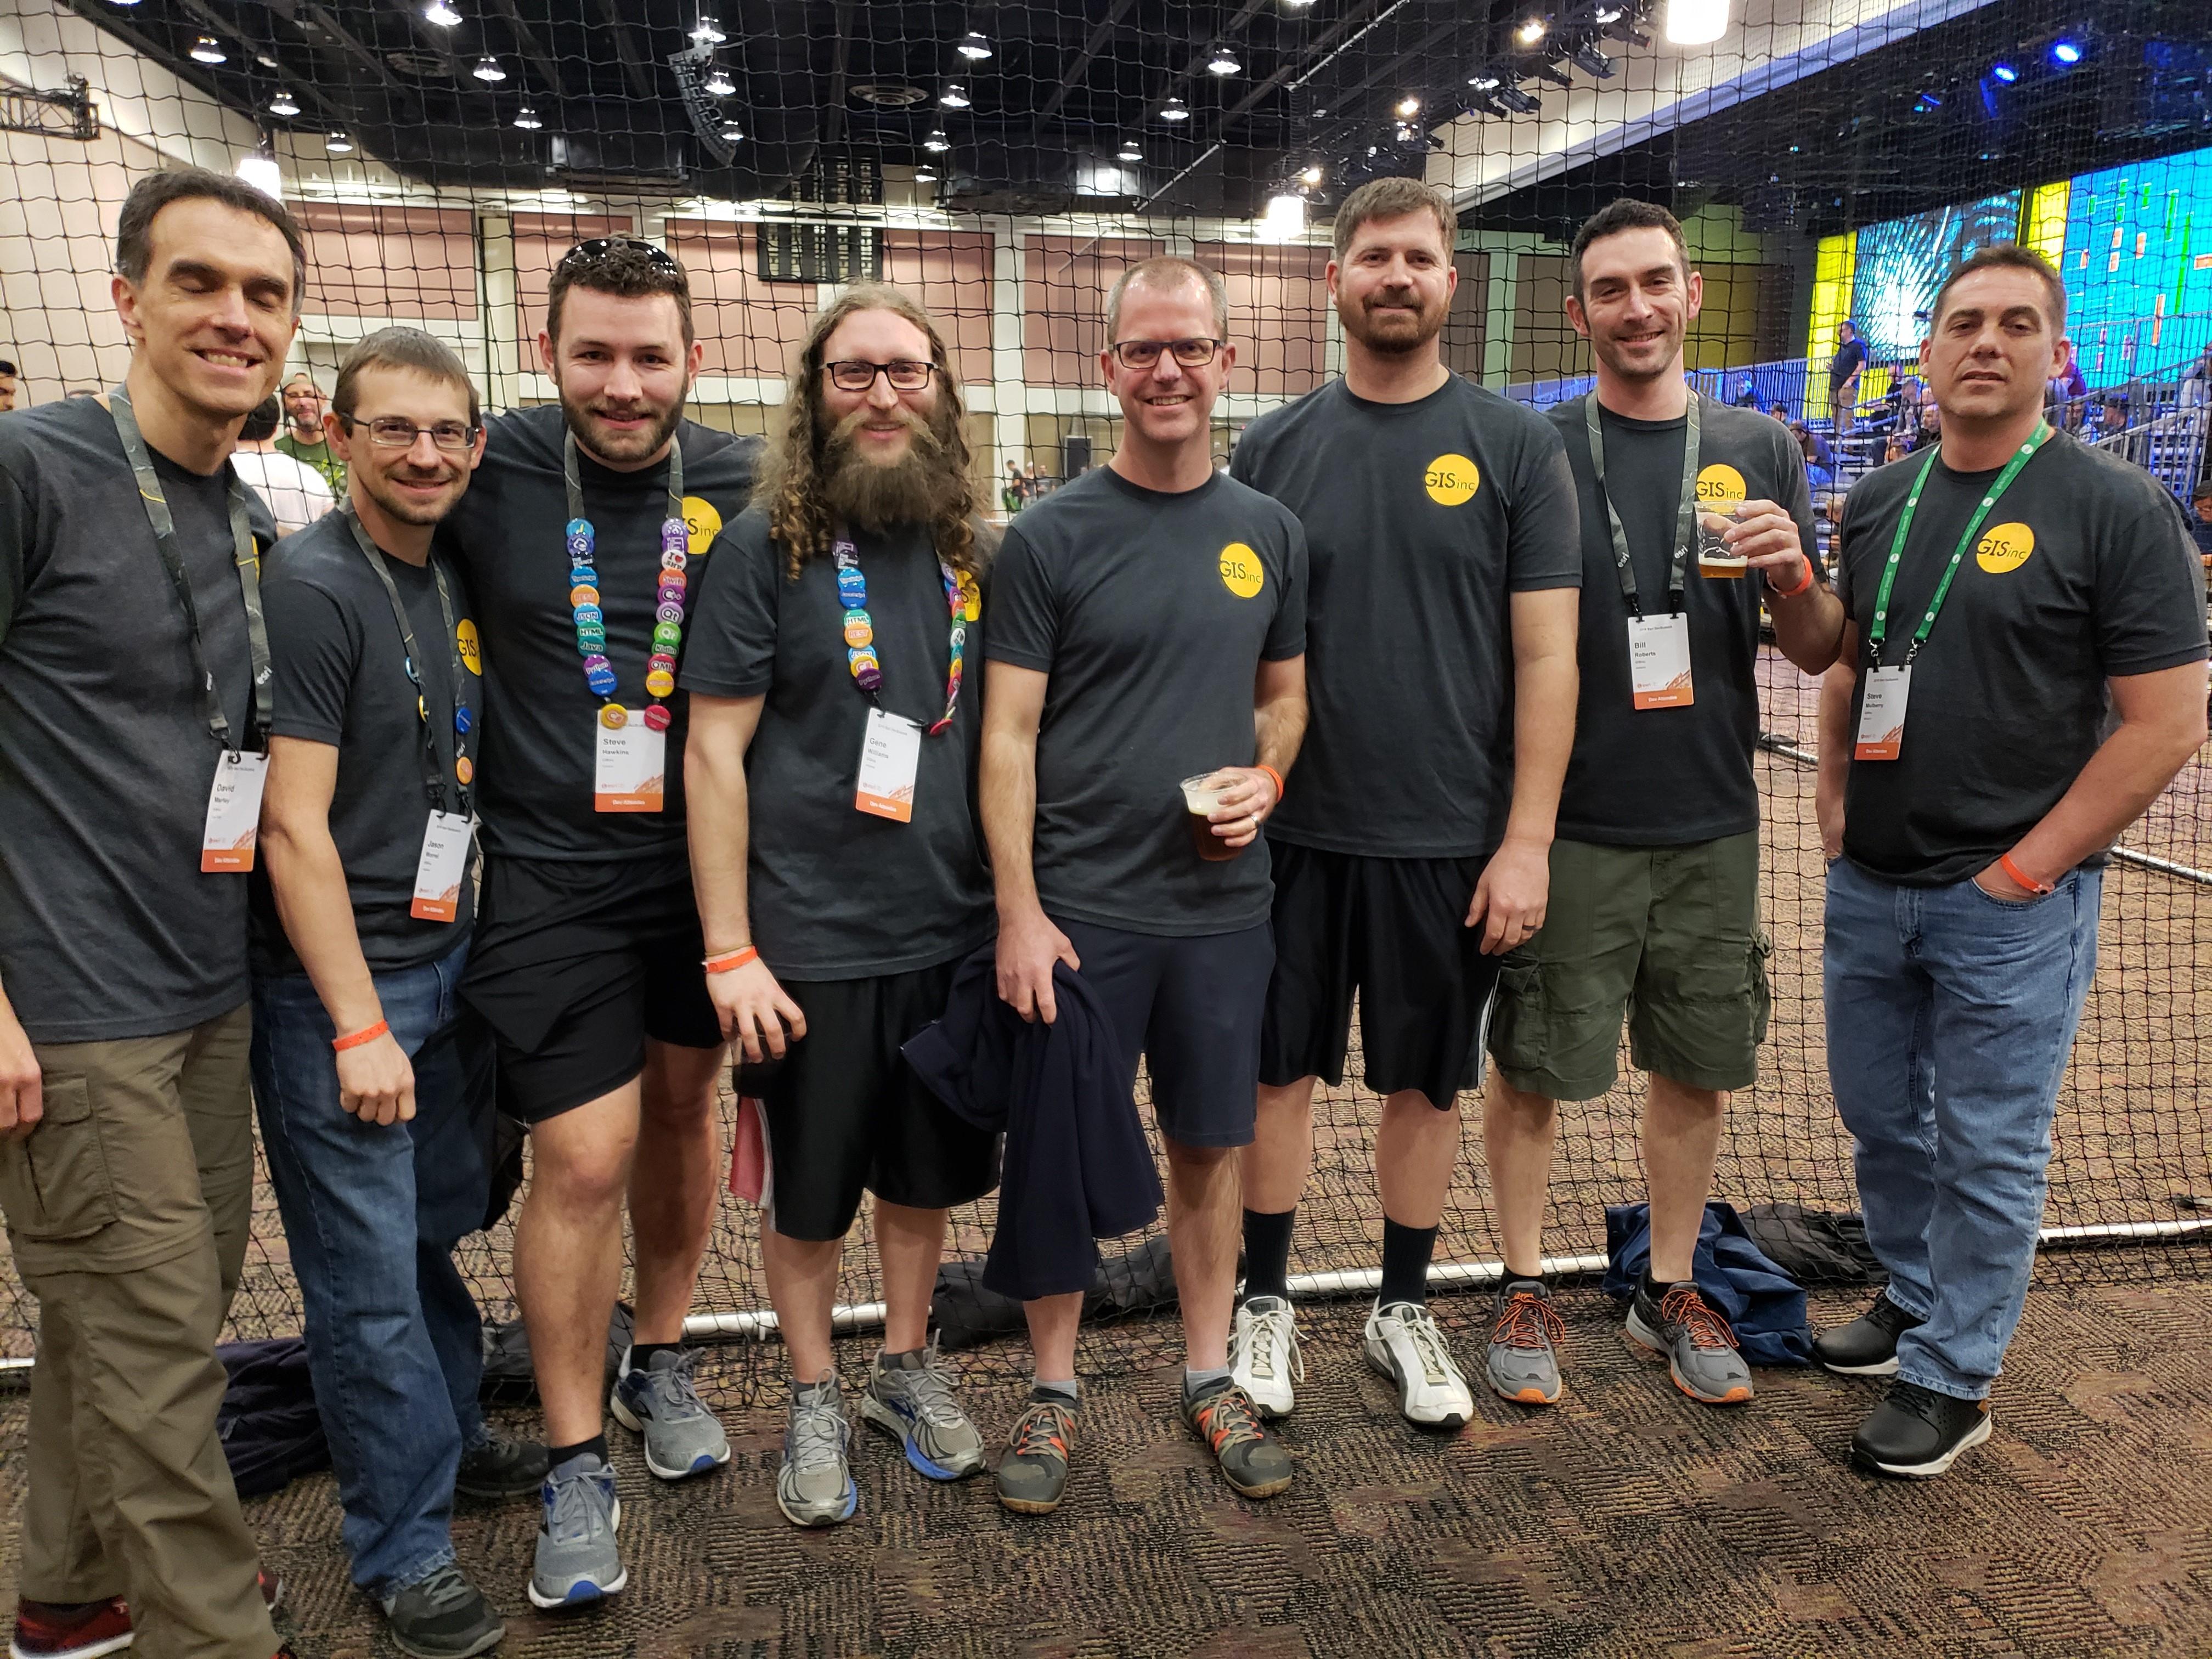 DevSummit GISinc Dodgeball 2019